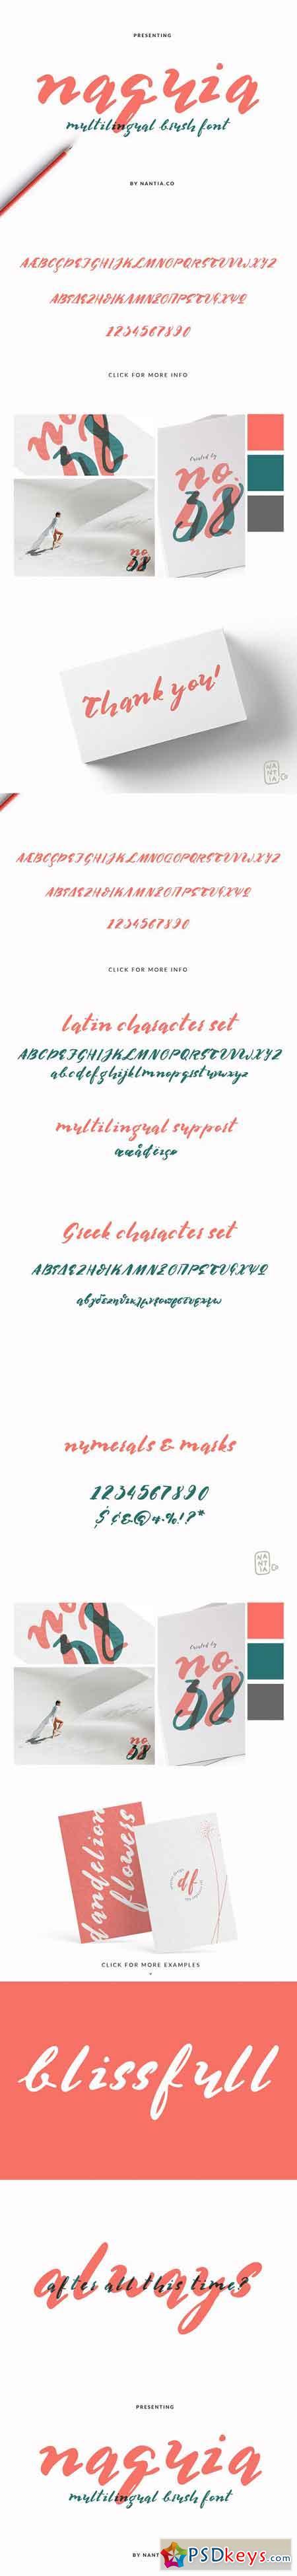 Multilingual Brush Font- Naquia Font 3252935